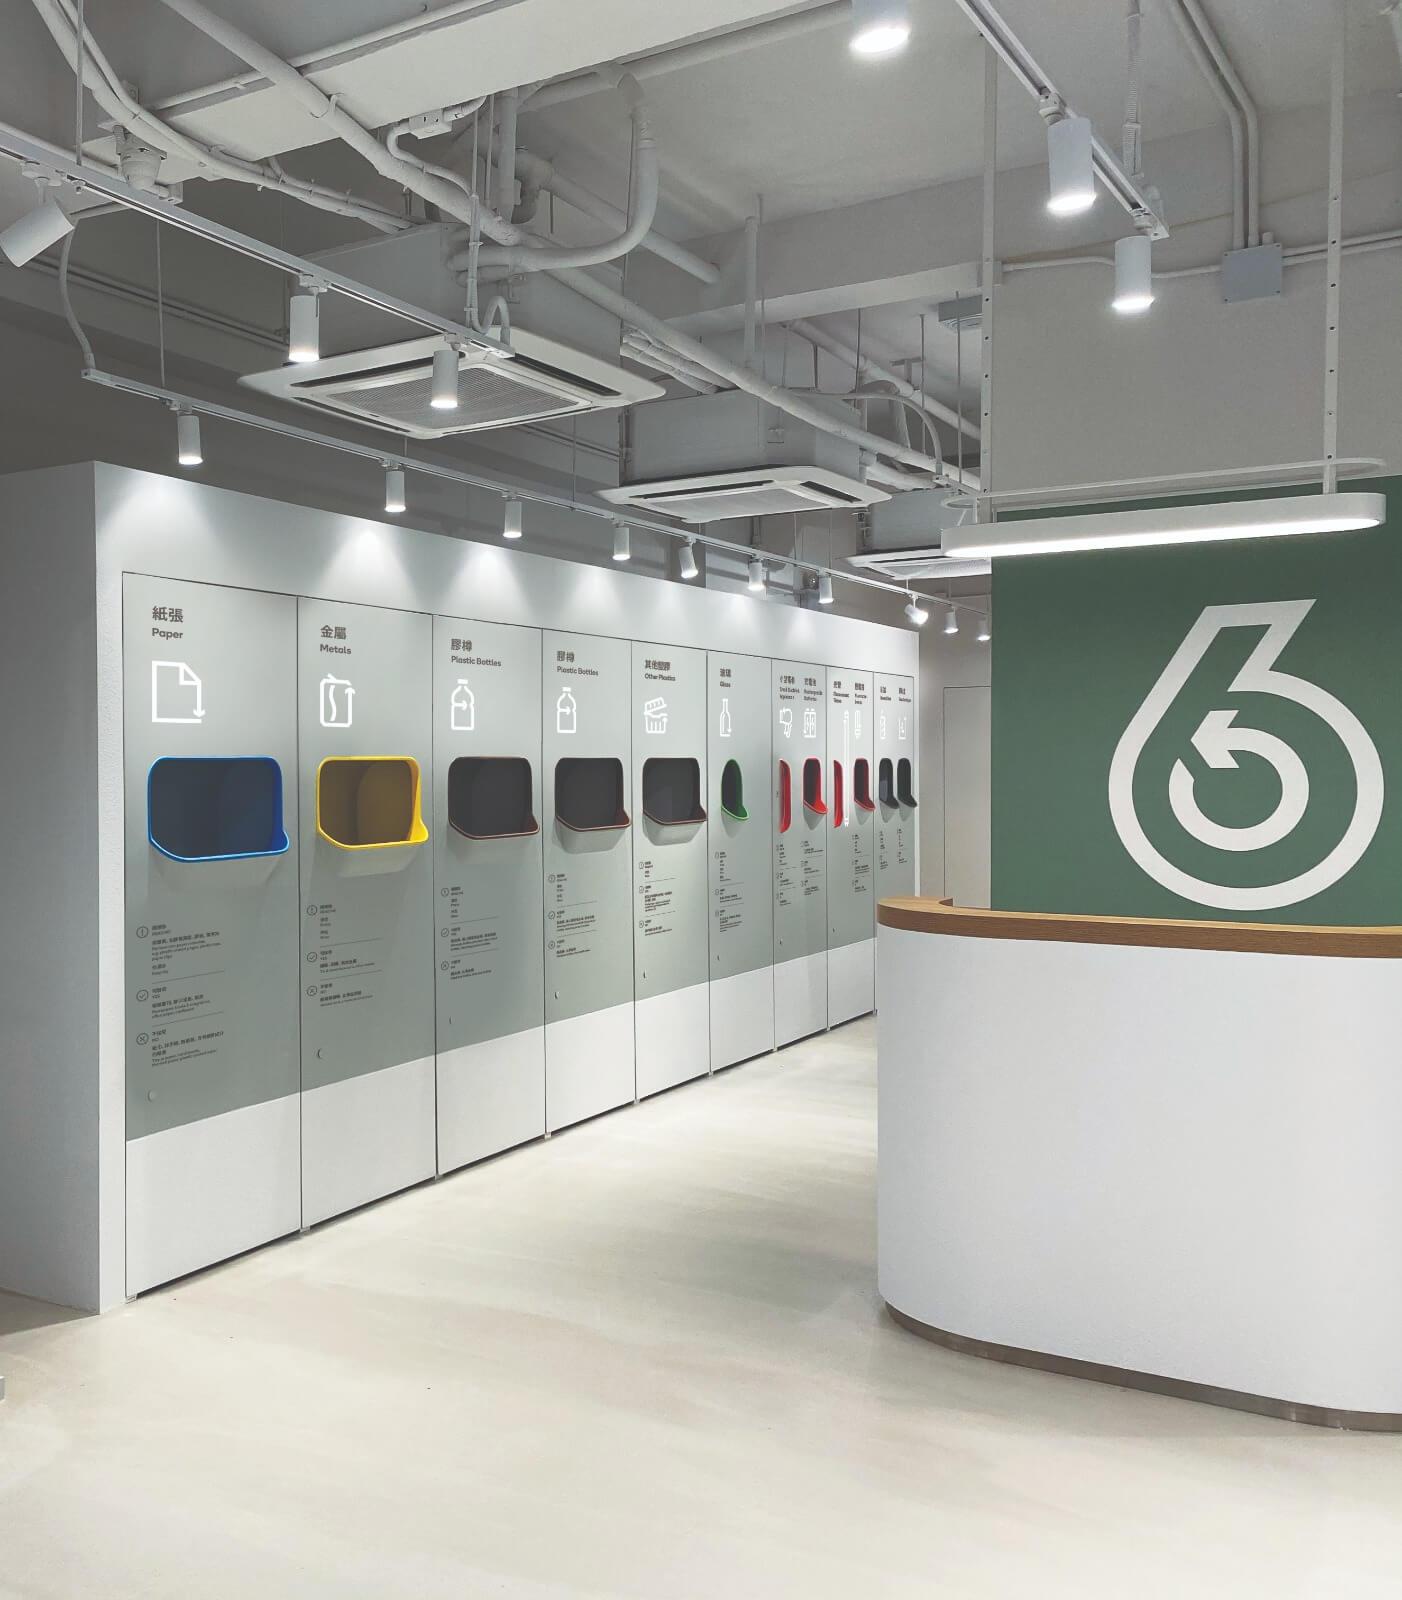 室內設計以簡潔為主,為了方便各個營運團隊在裝修時採用統一設計,One Bite Design構思了低成本而且方便組裝的標準(modular)櫃門。